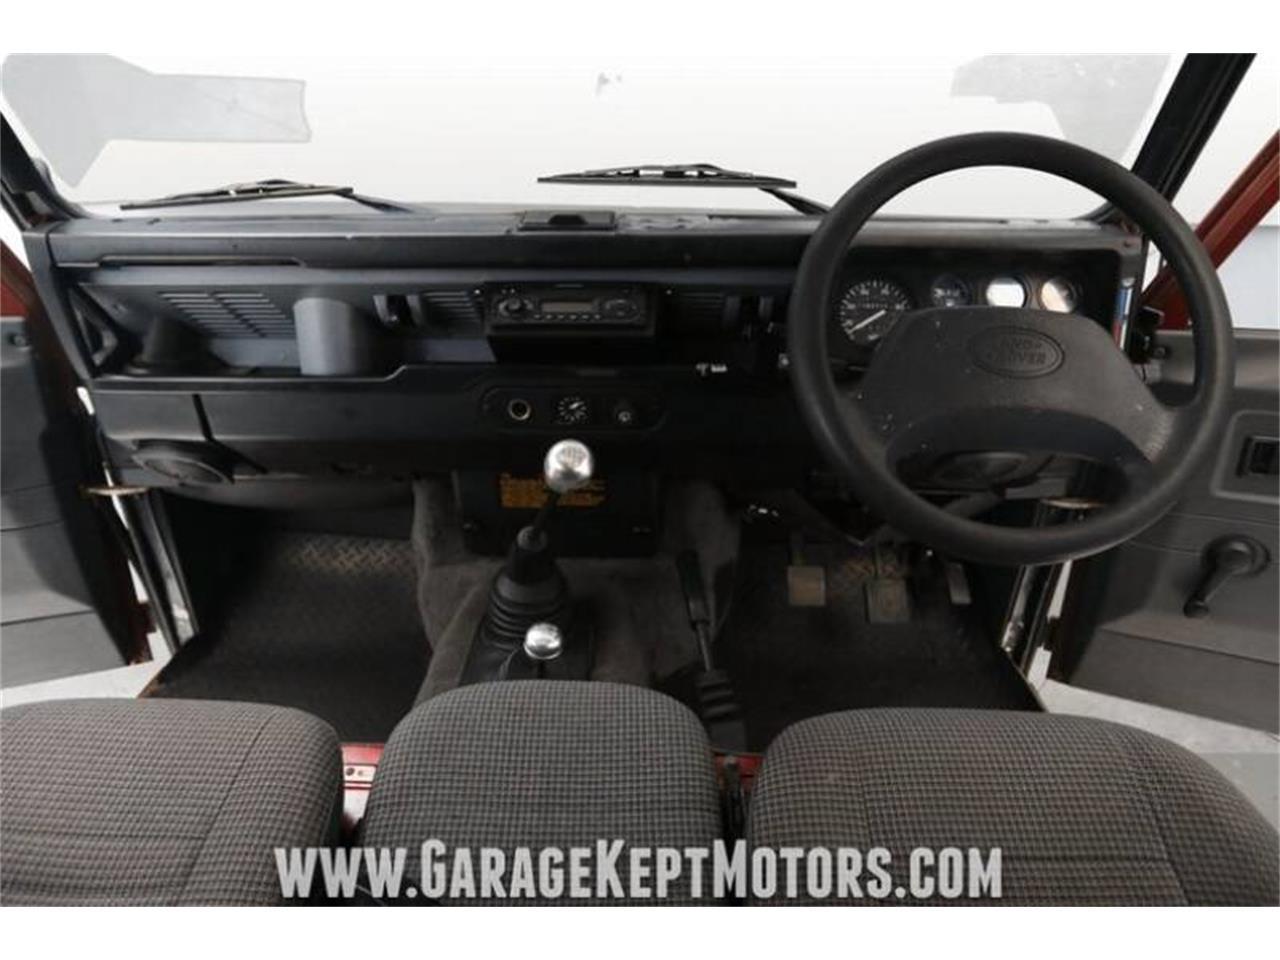 Land Rover Defender TDI carburant Temp guages Paire Speedo parts